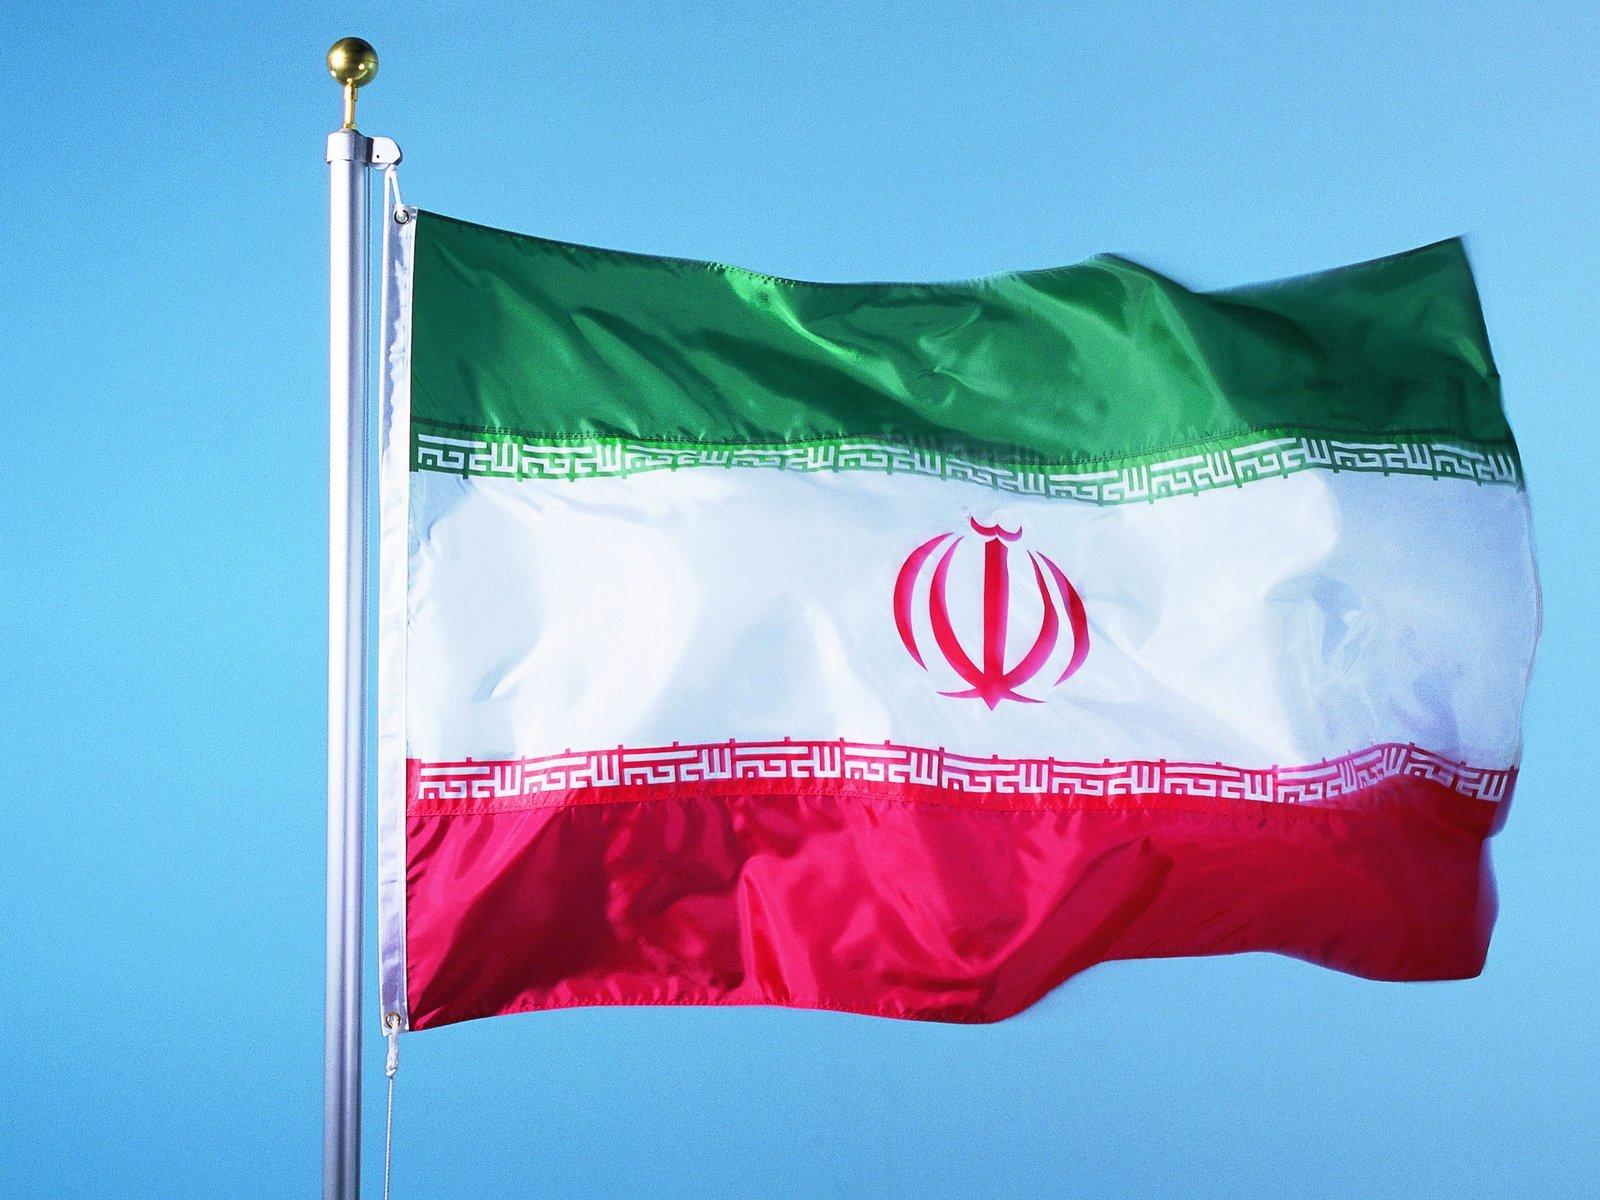 Источник поведал оперспективах применения Россией иранских баз